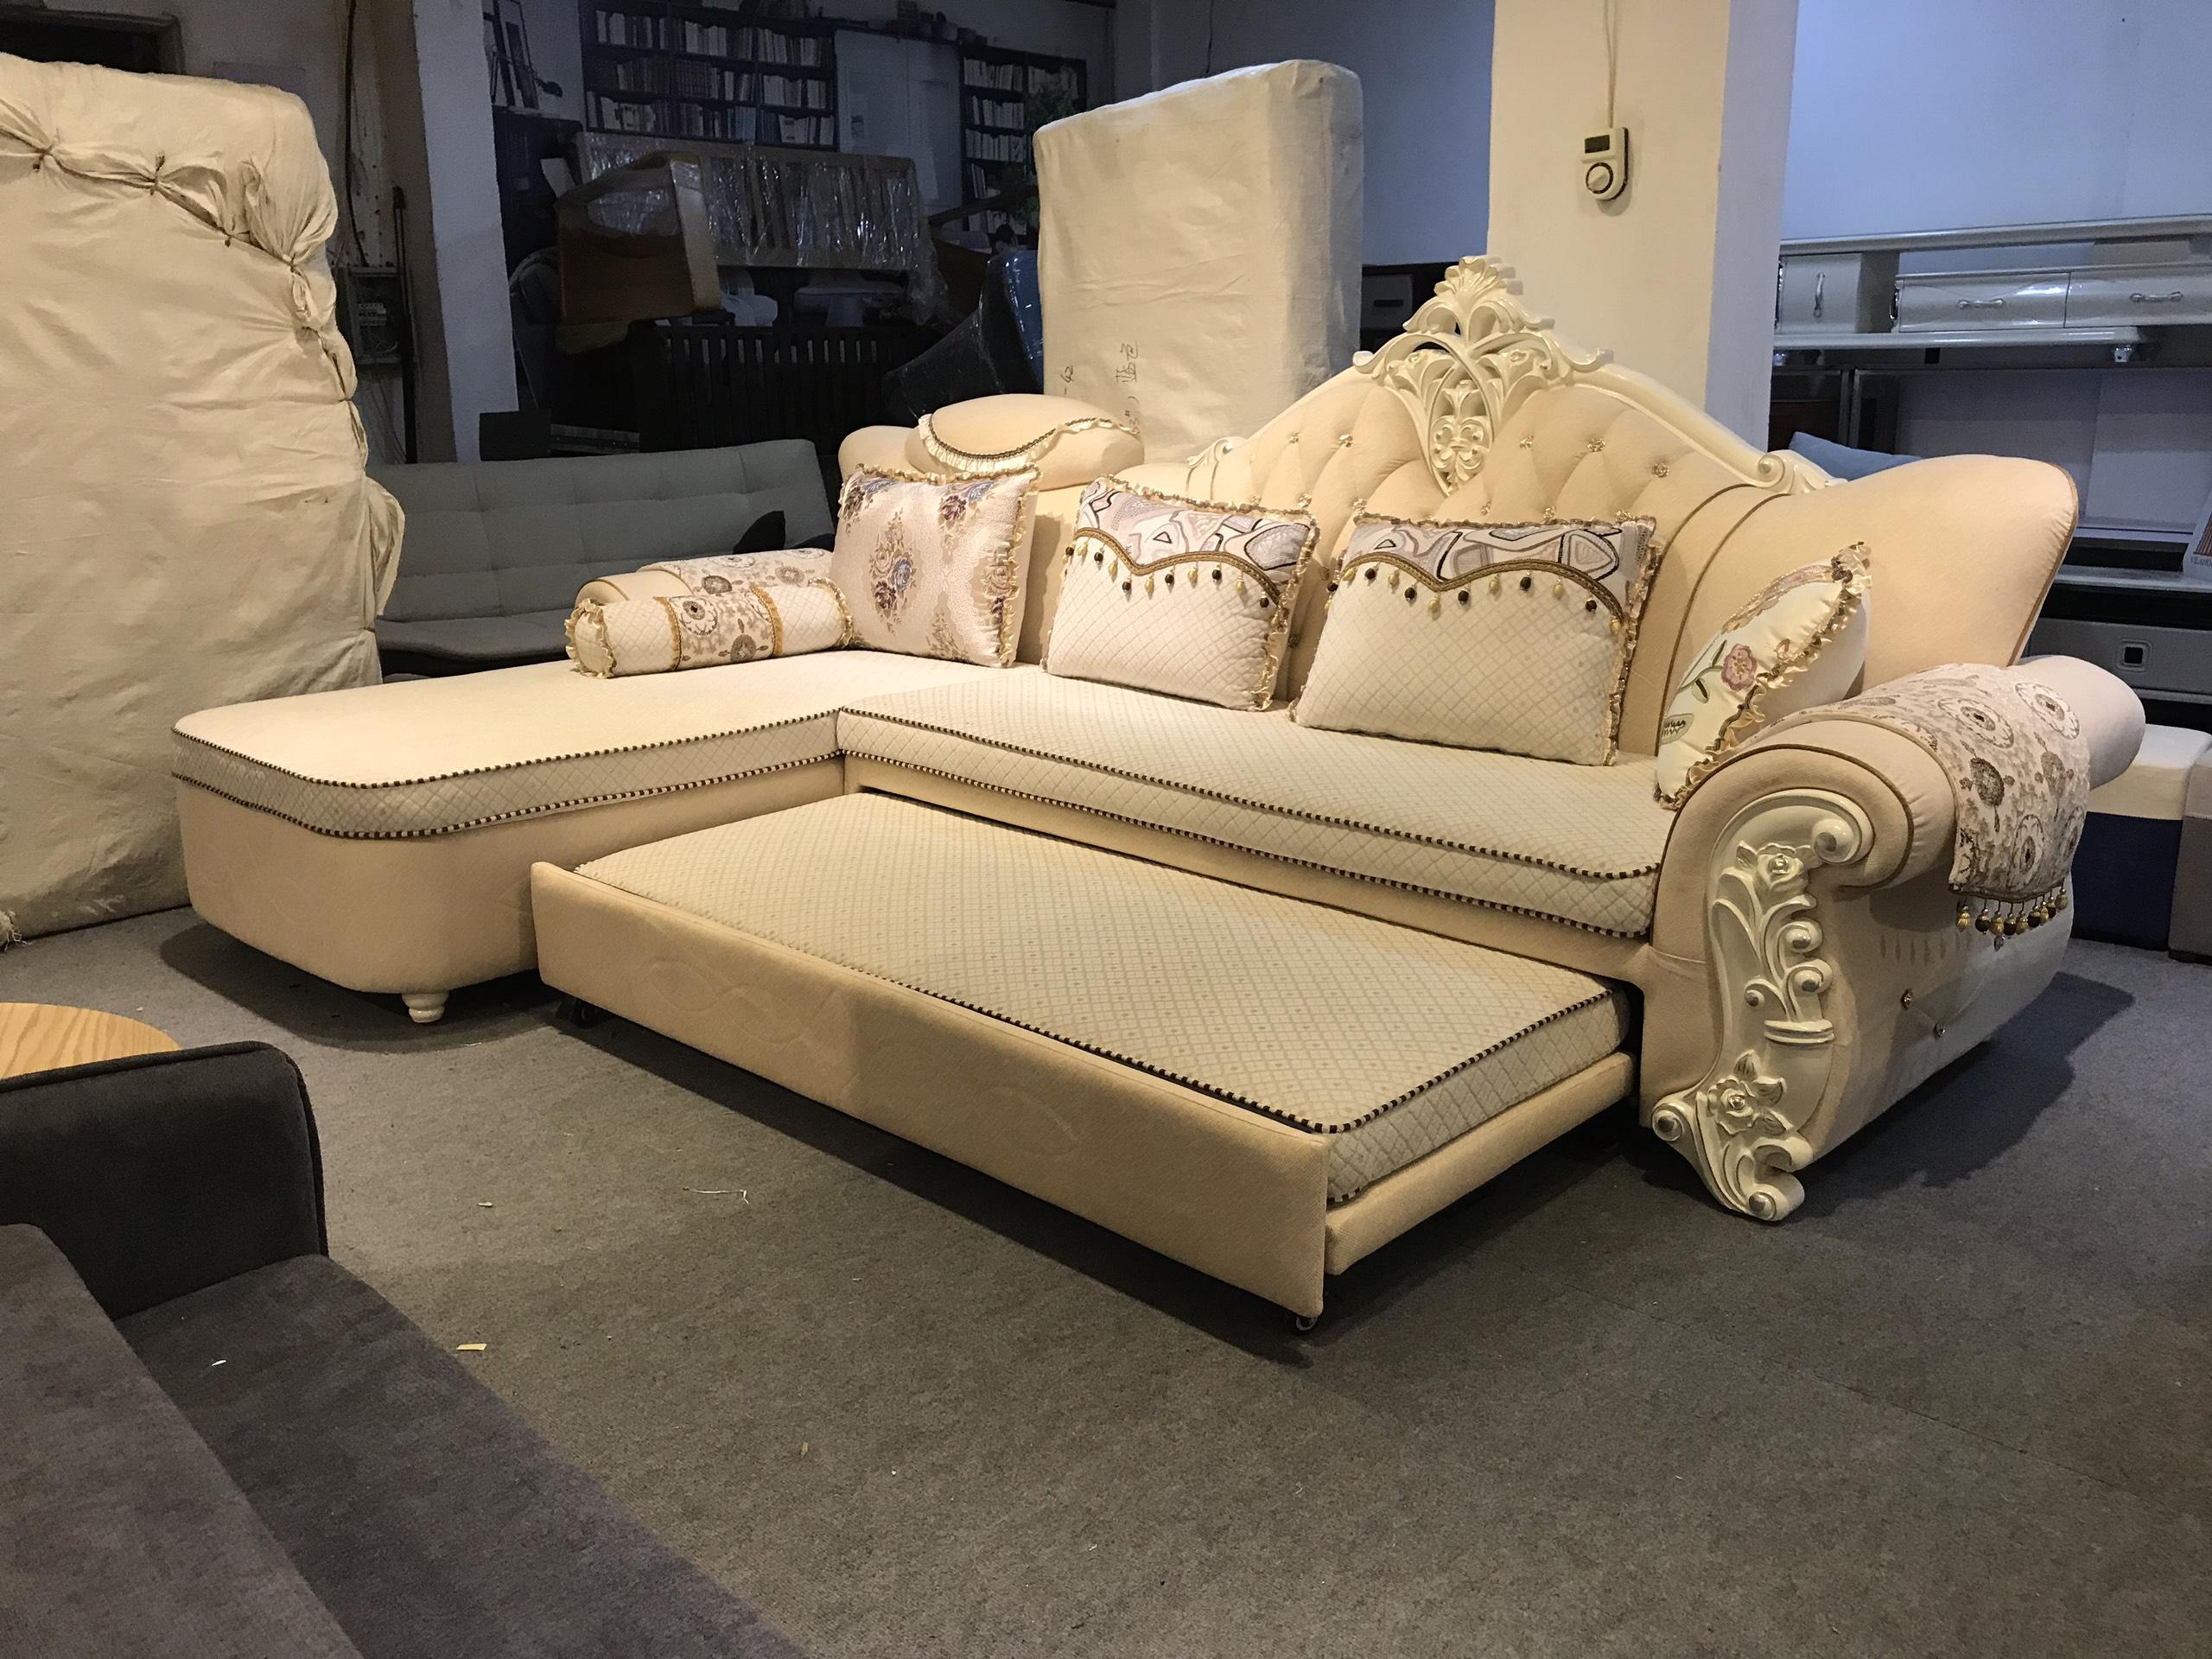 Sofa tân cổ điển hàng nhập khẩu có chức năng giường ngủ thông minh đa năng đang bán chạy nhất tại Hà Nội